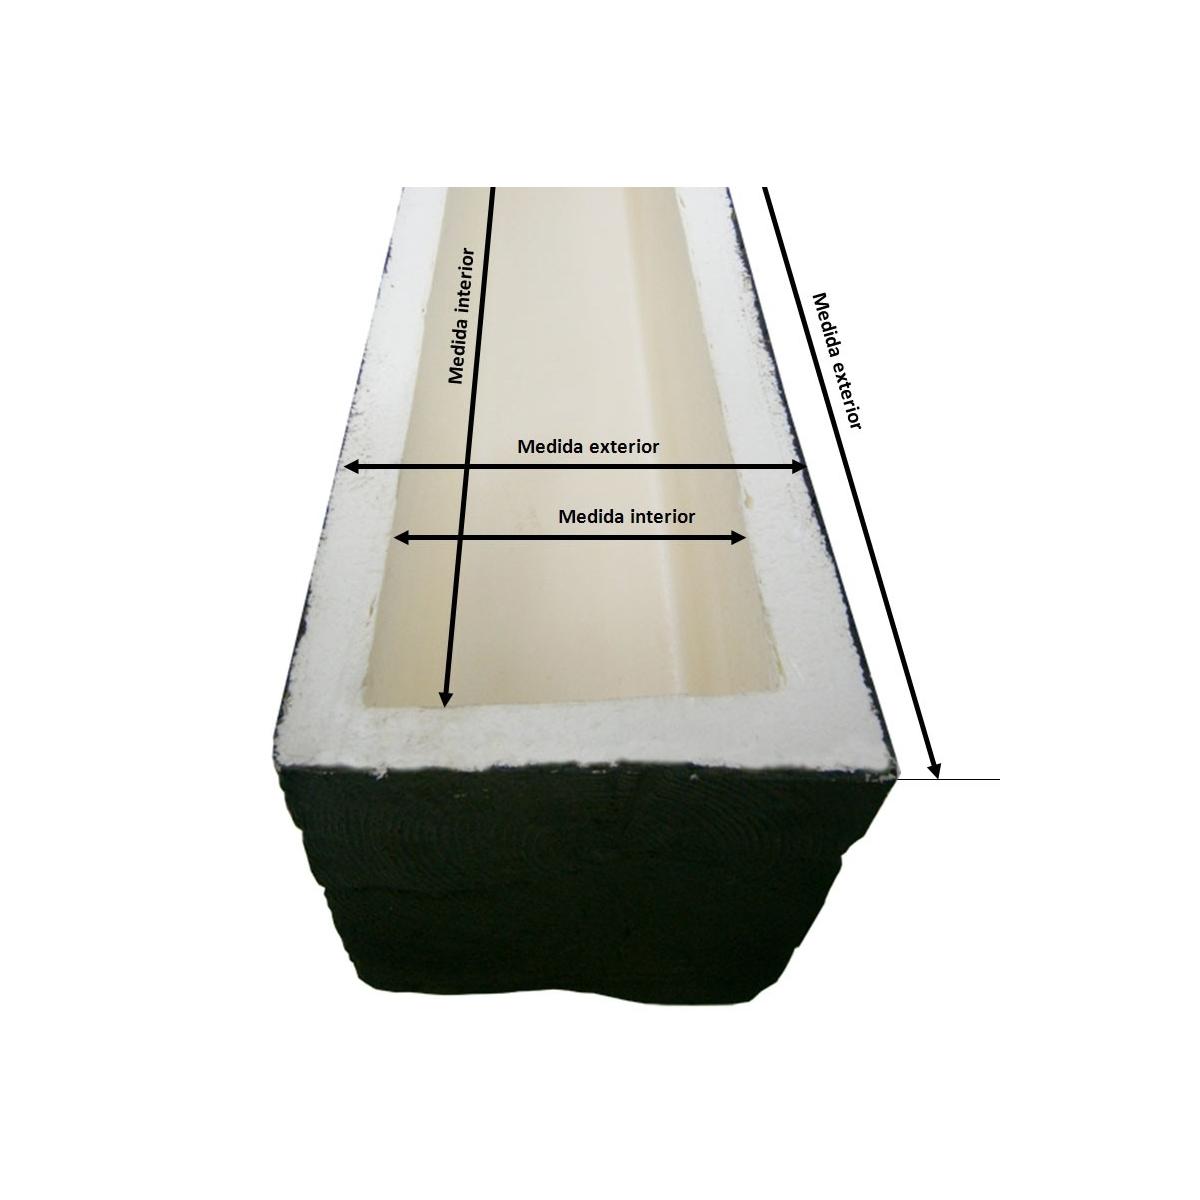 Viga imitación a madera 300x15x18 Grupo Unamacor Vigas imitación madera cuadradas